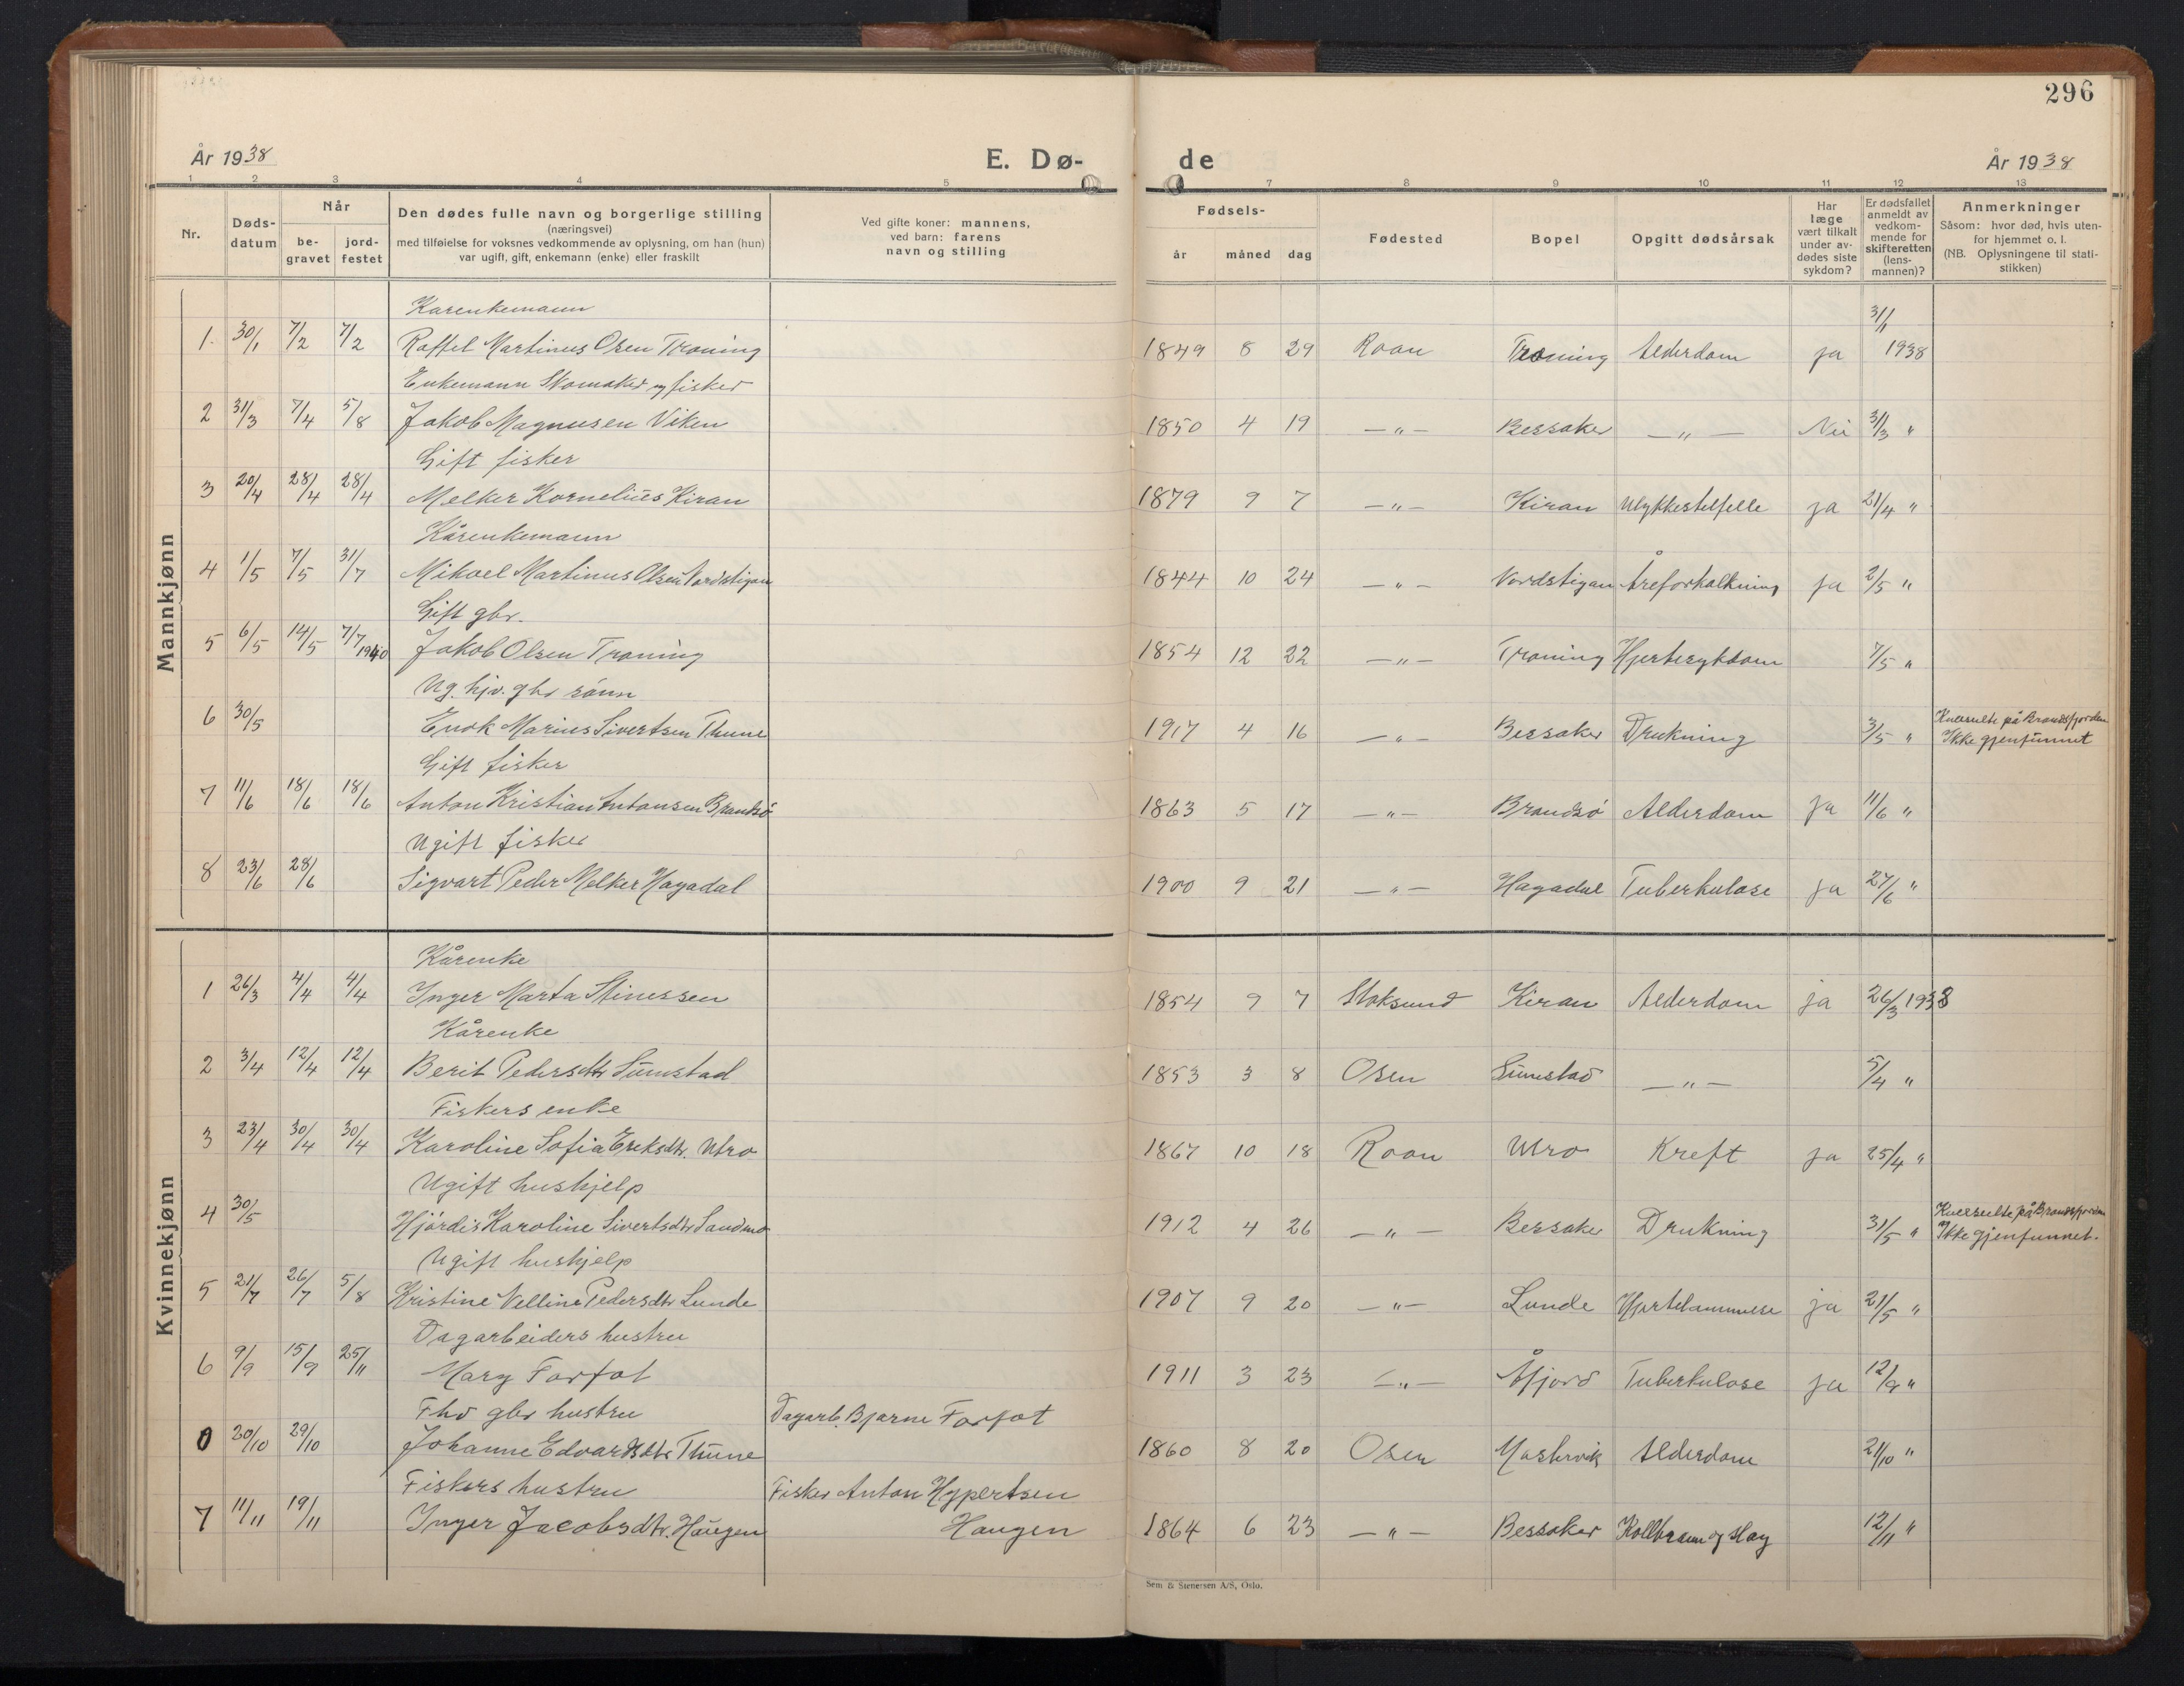 SAT, Ministerialprotokoller, klokkerbøker og fødselsregistre - Sør-Trøndelag, 657/L0718: Klokkerbok nr. 657C05, 1923-1948, s. 296